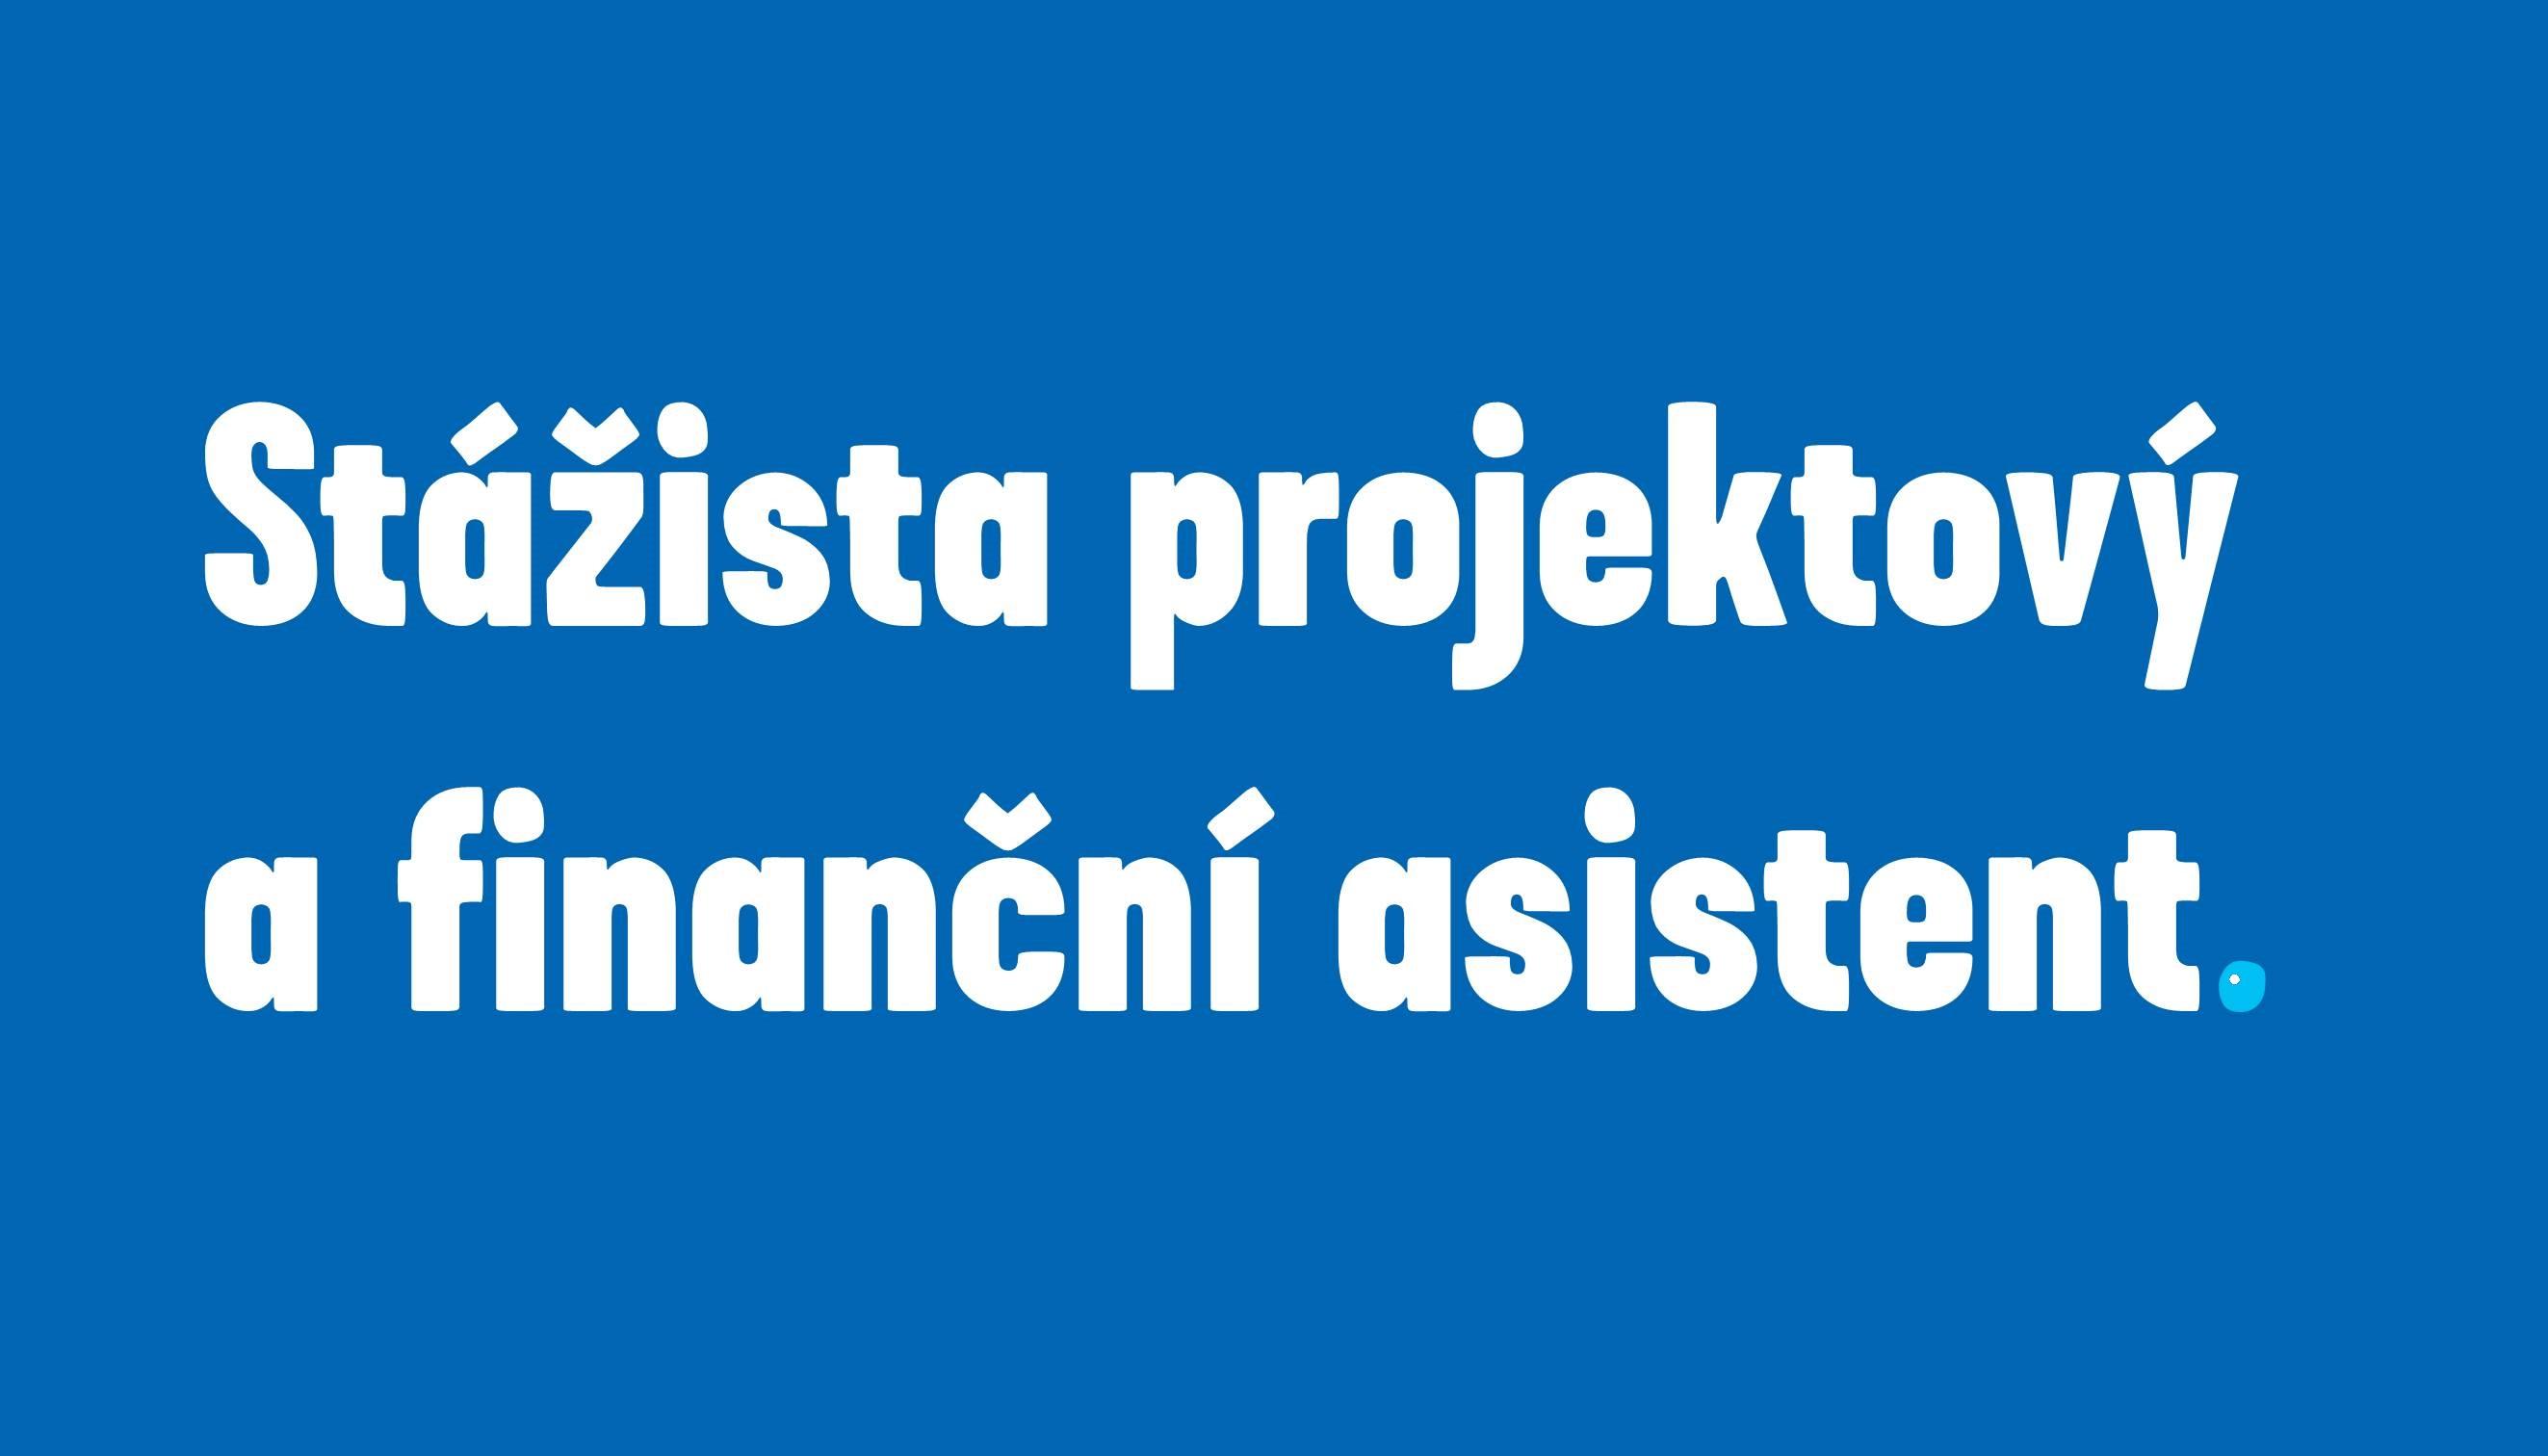 Stážista projektový a finanční asistent